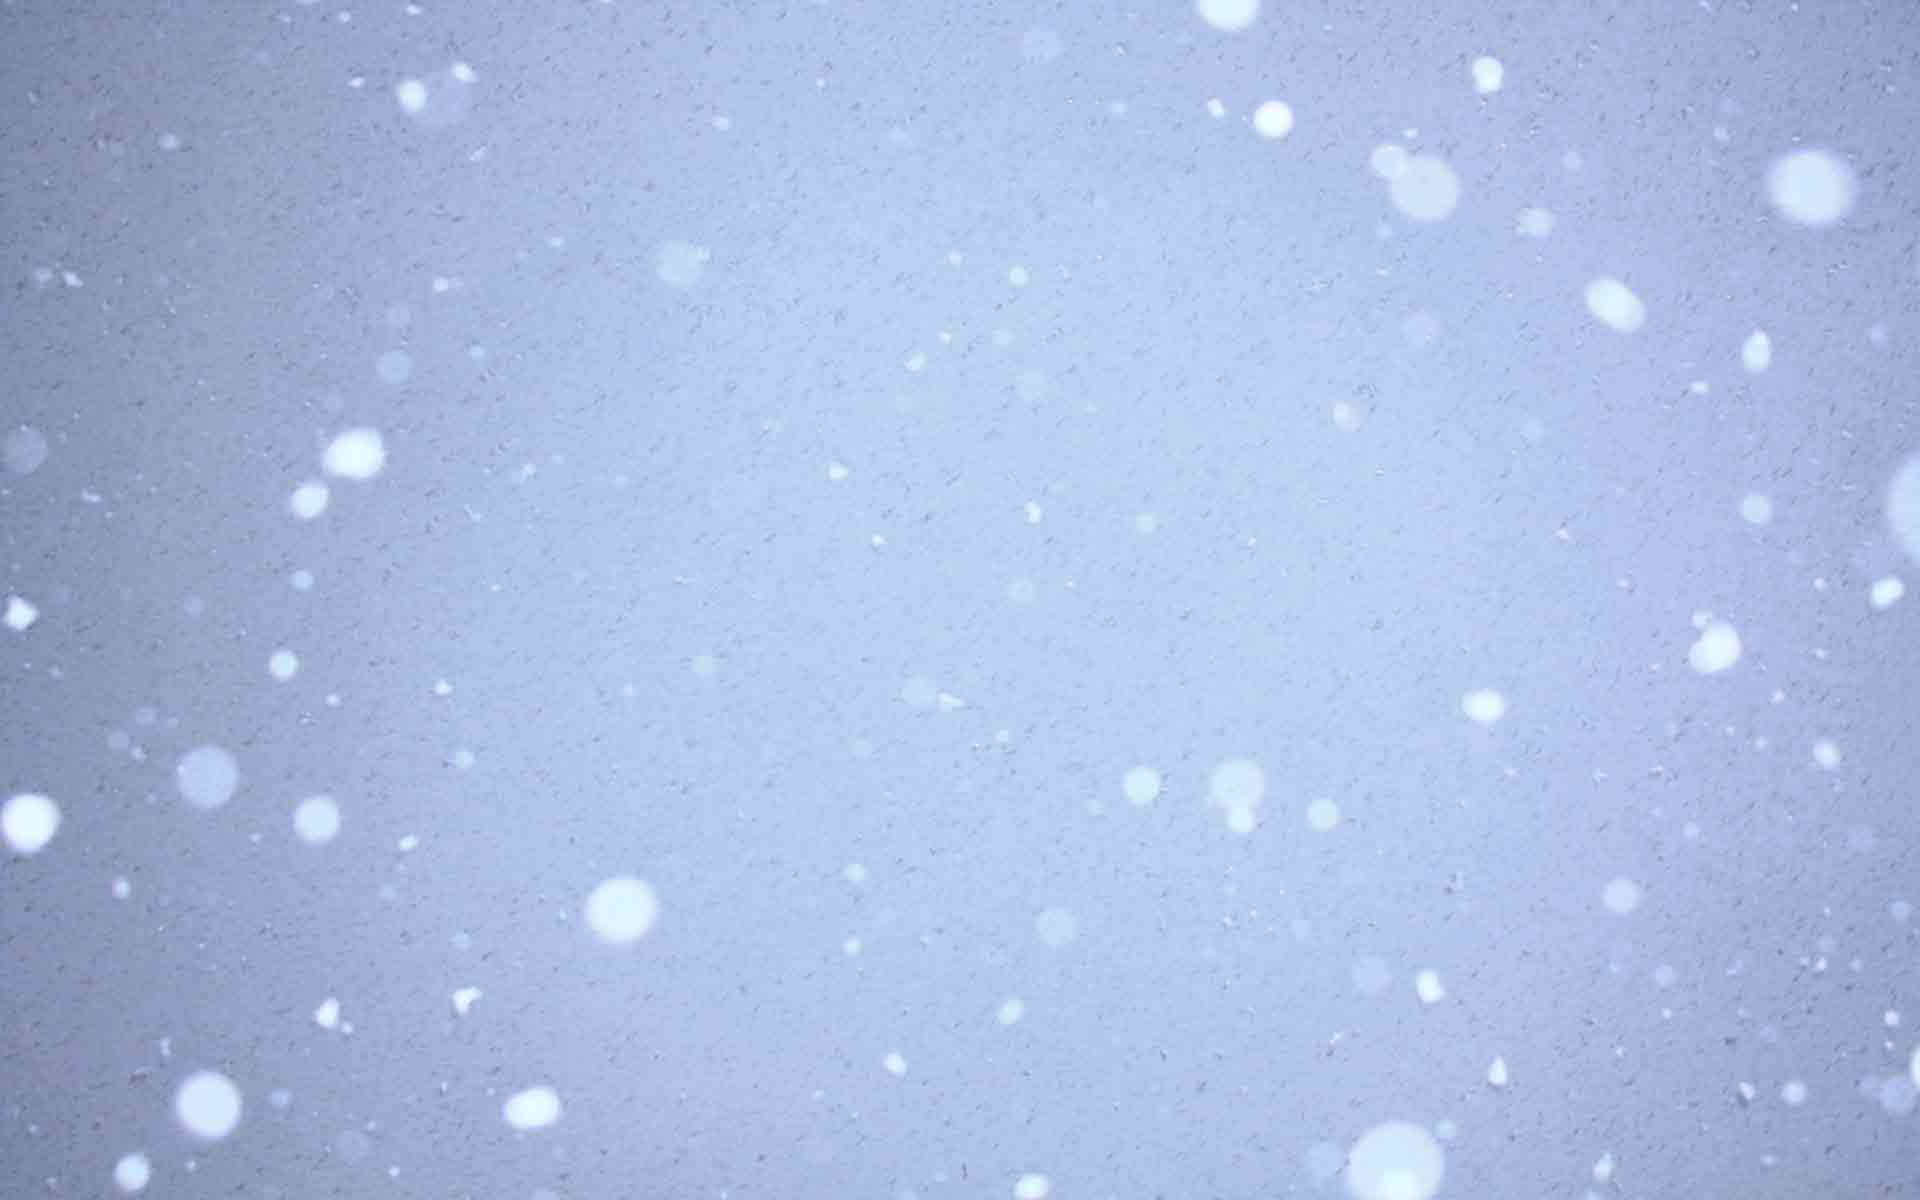 Обои снег идет картинки фото обои для